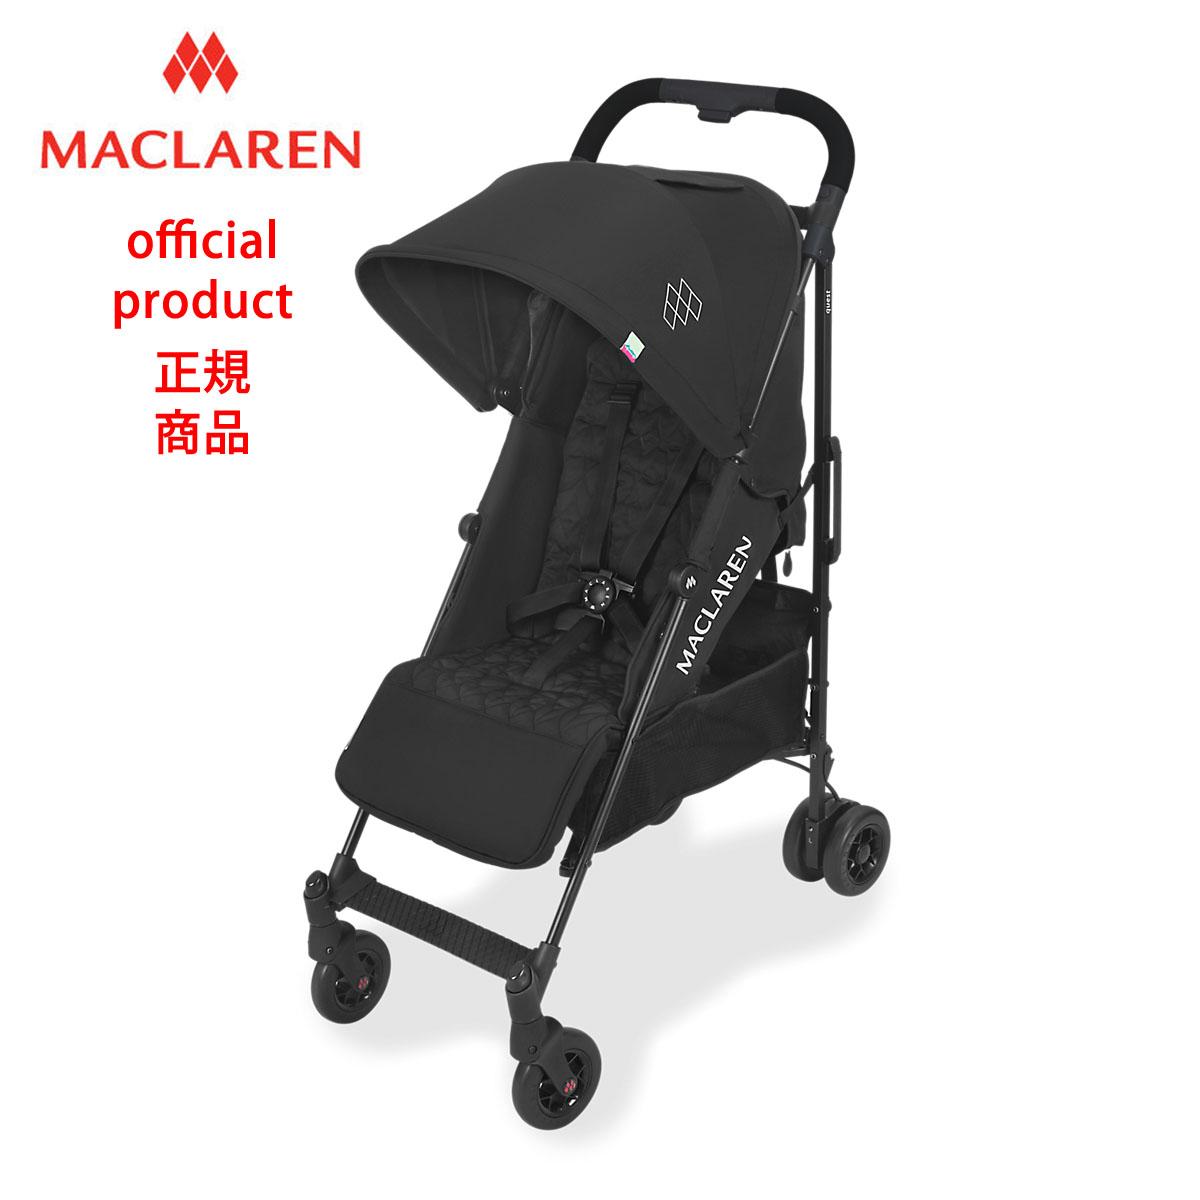 マクラーレンクエストアーク_MaclarenQuestArc